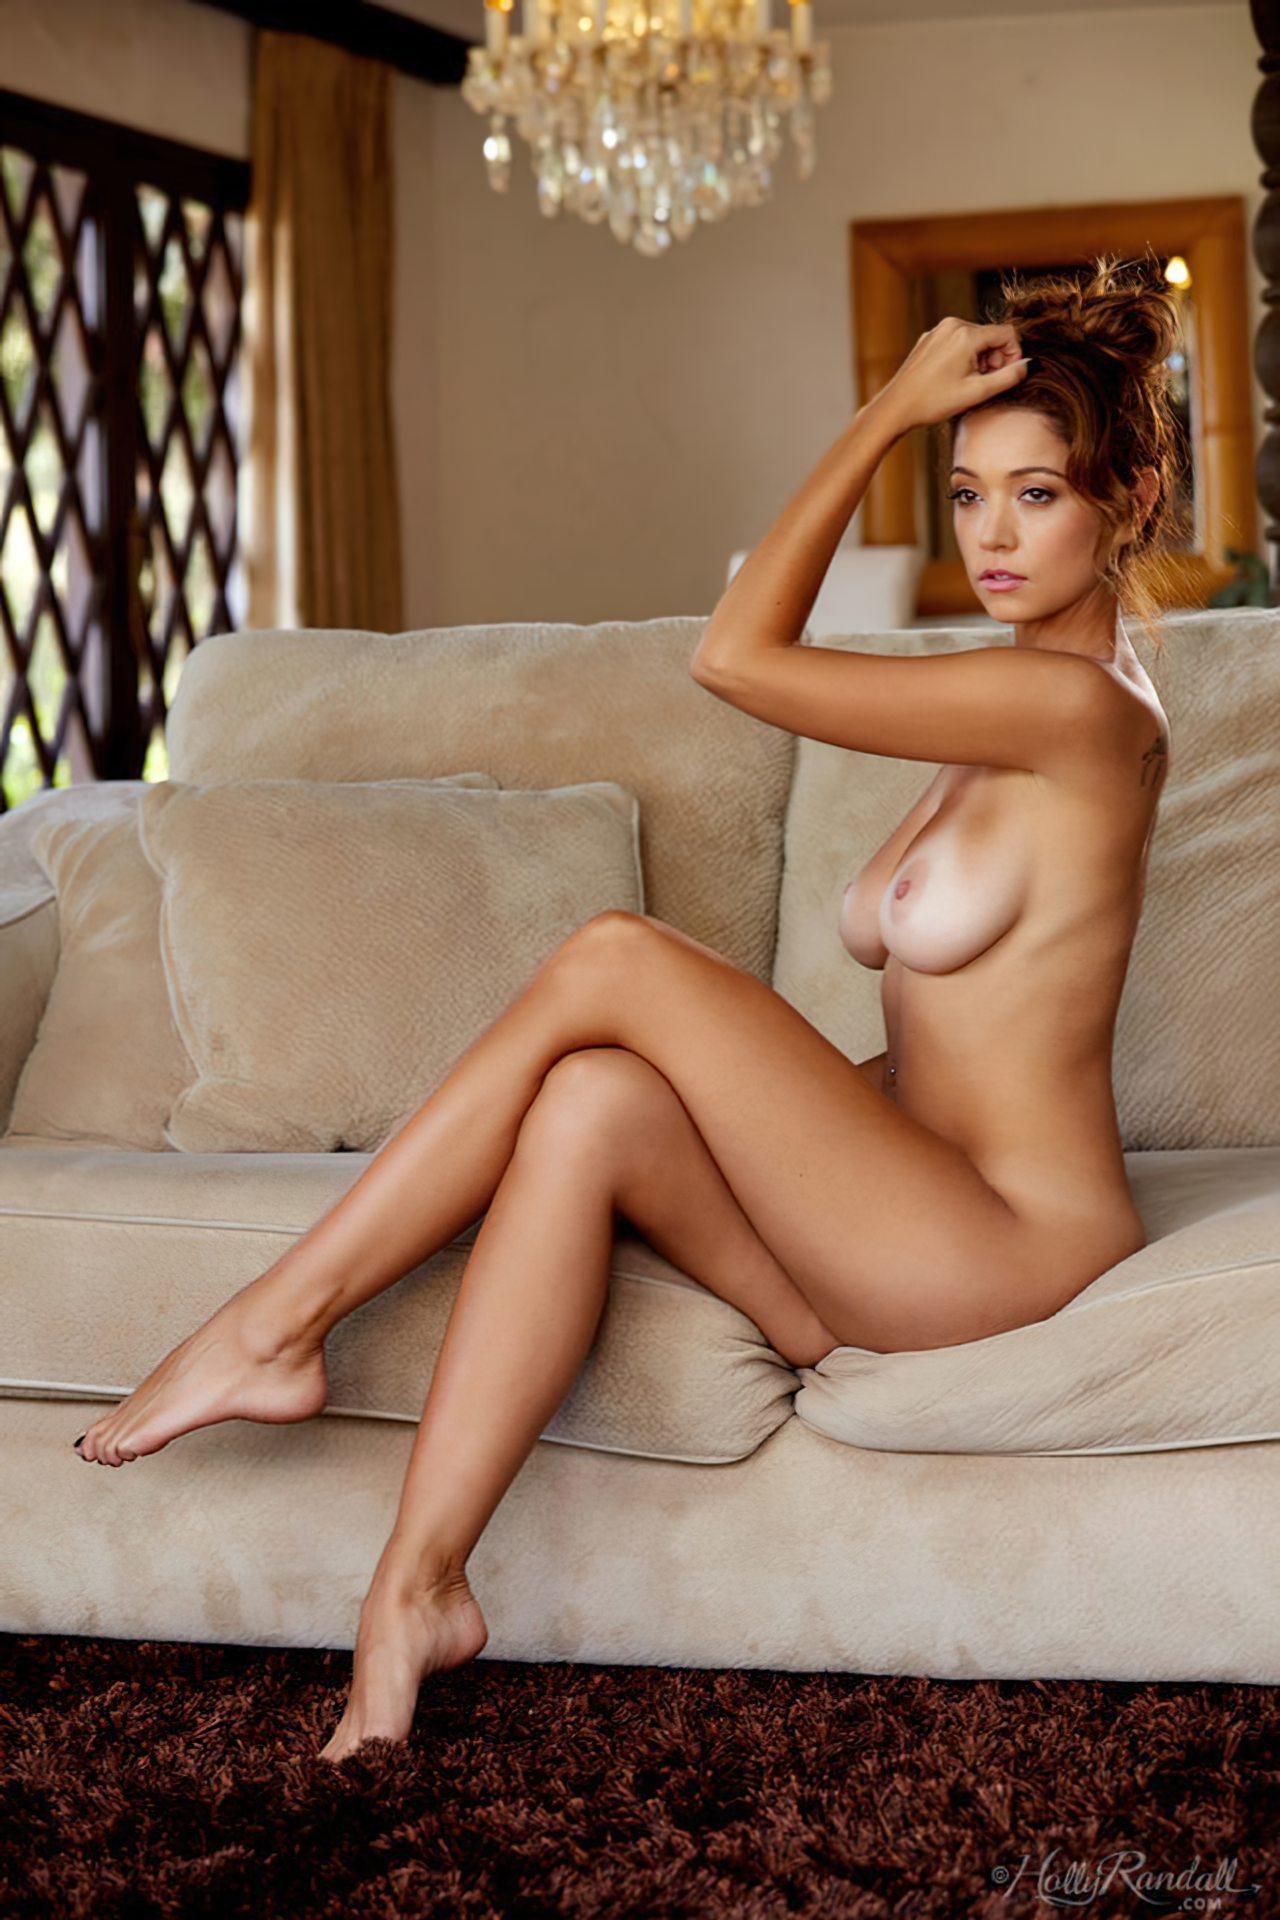 Gostosa Pelada Enviando Nudes (12)